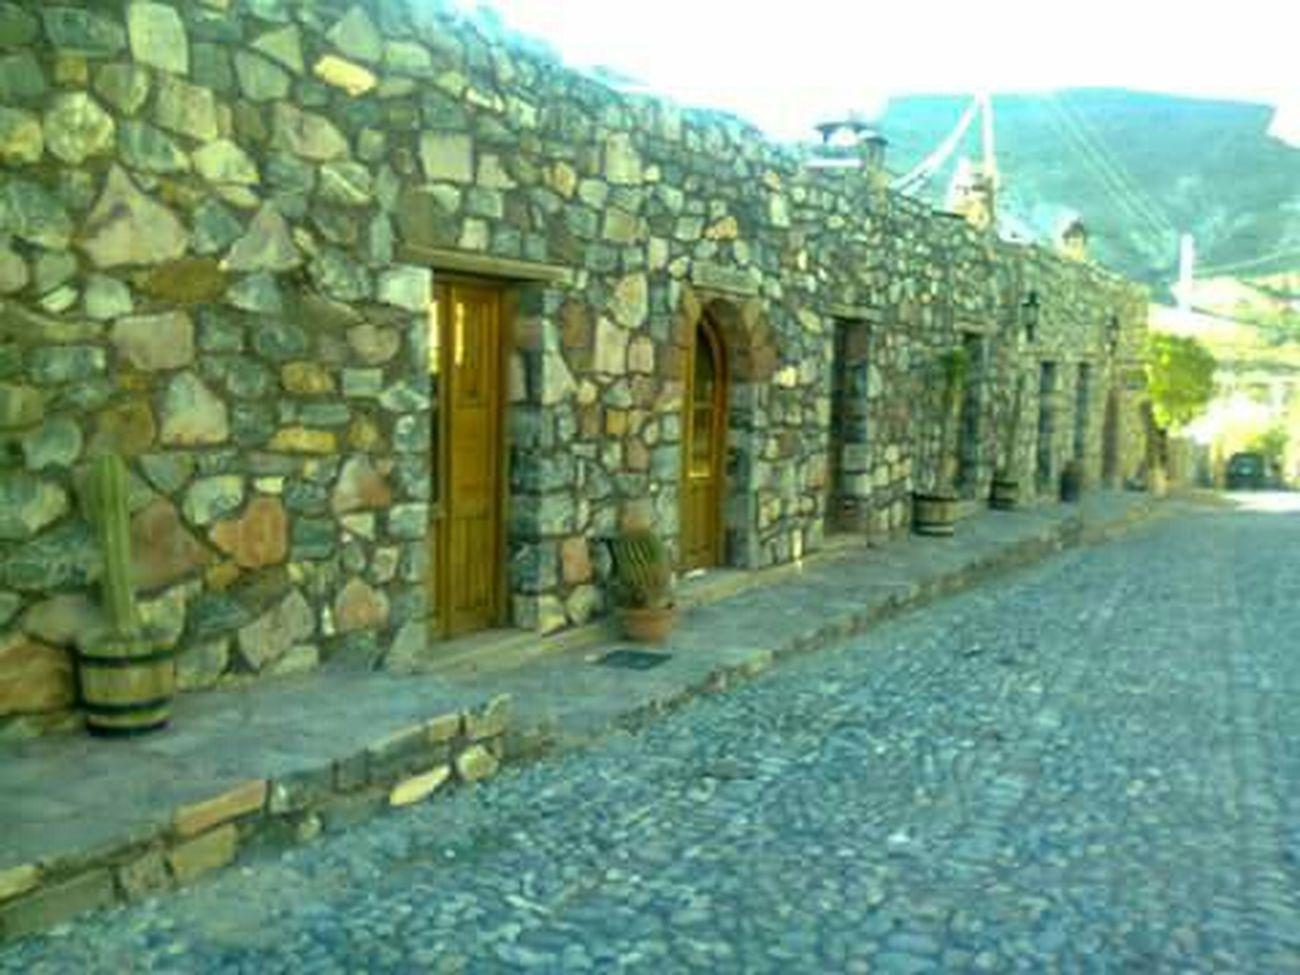 Calles En Ruinas Real De Catorce Esto Es Mexico... Old Street Old Structures